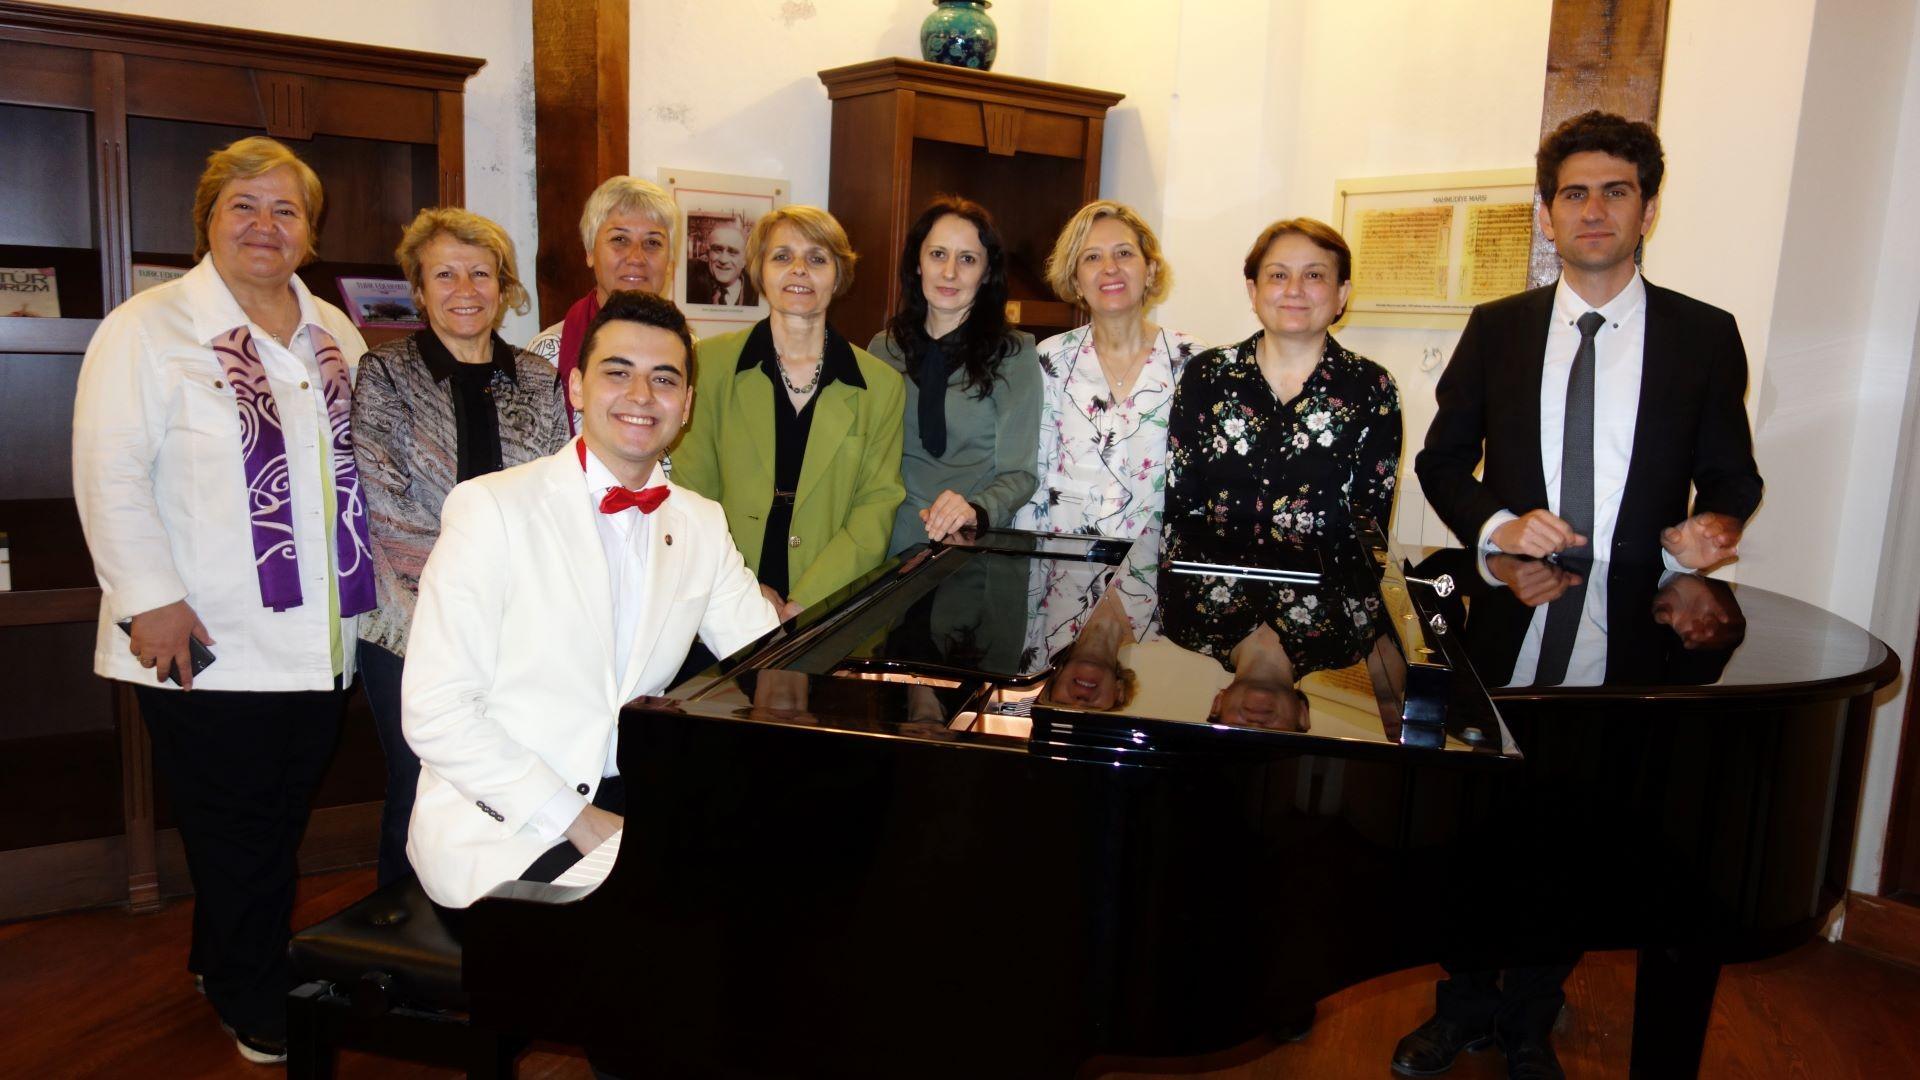 Türk Müziği En Son Çıkan 2020 Yeni Beste Bayati Makam Piyano Beyati Yeni Çıkan Şarkı Son Bestesi Kompozitor Bestekar Genç Halk Sanat Komalı Kimdir En Güzel Müzikler Bilgisi